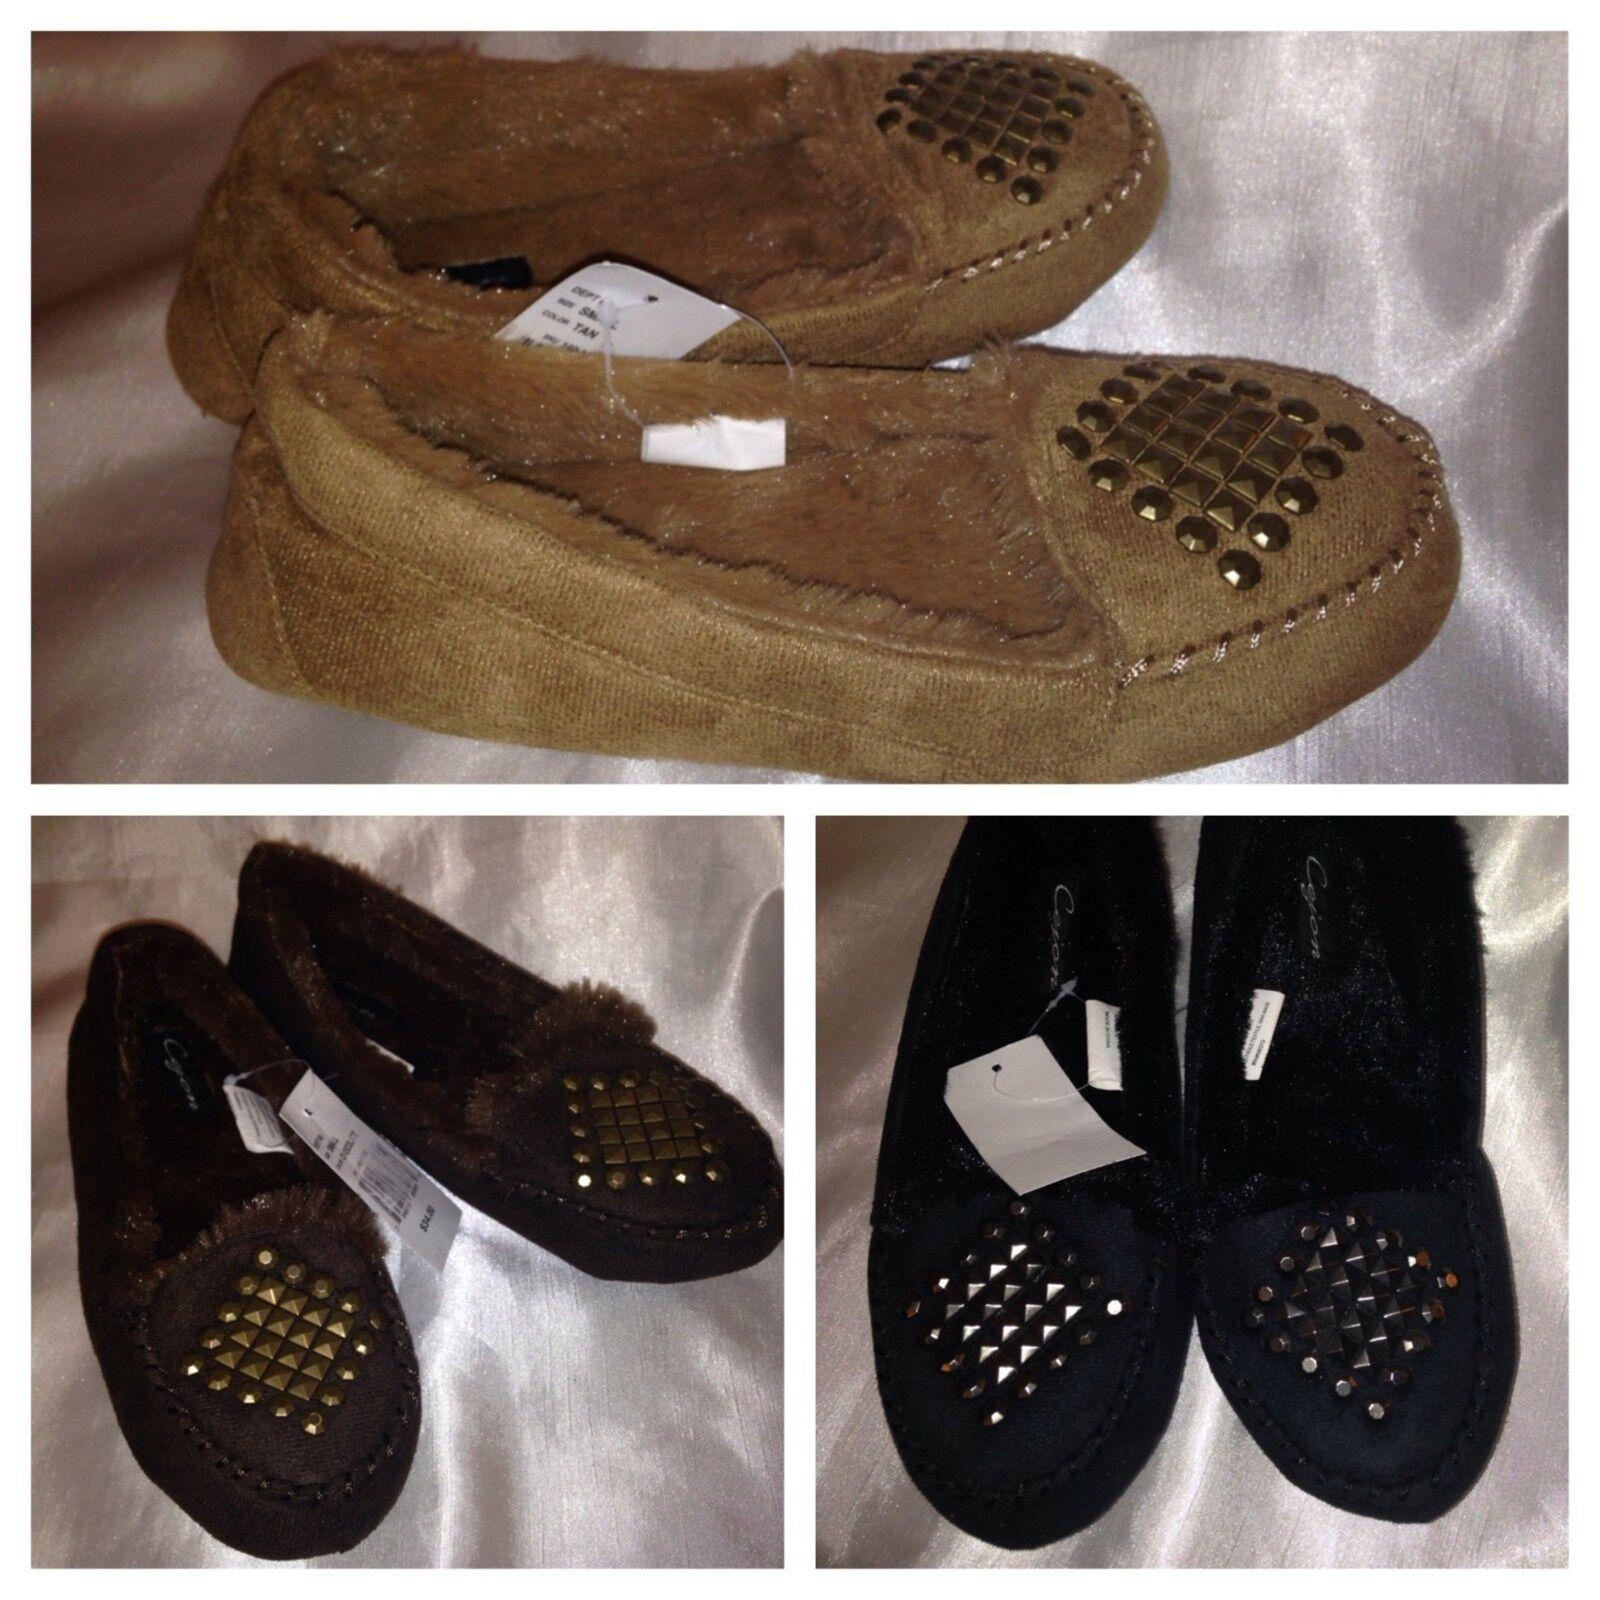 Ladies   womens  Moccasins cejon size small 5-6  color black, tan  shoes